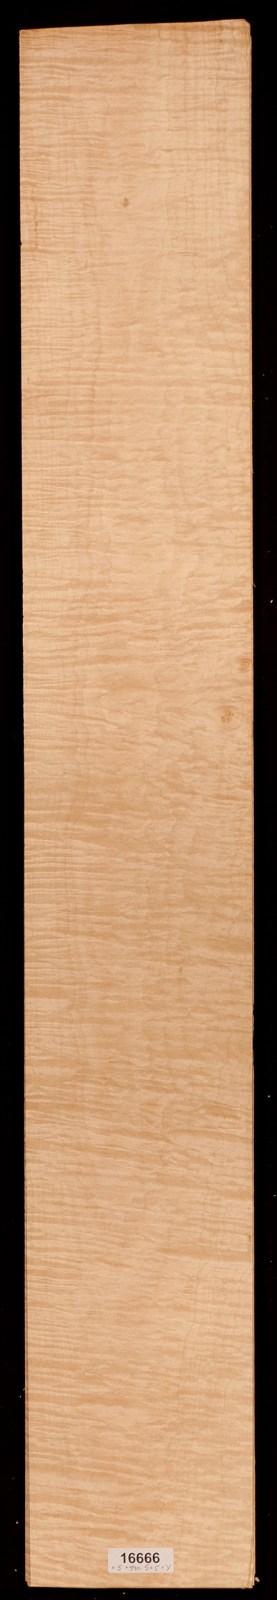 AAA Fiddleback Maple Veneer Lot